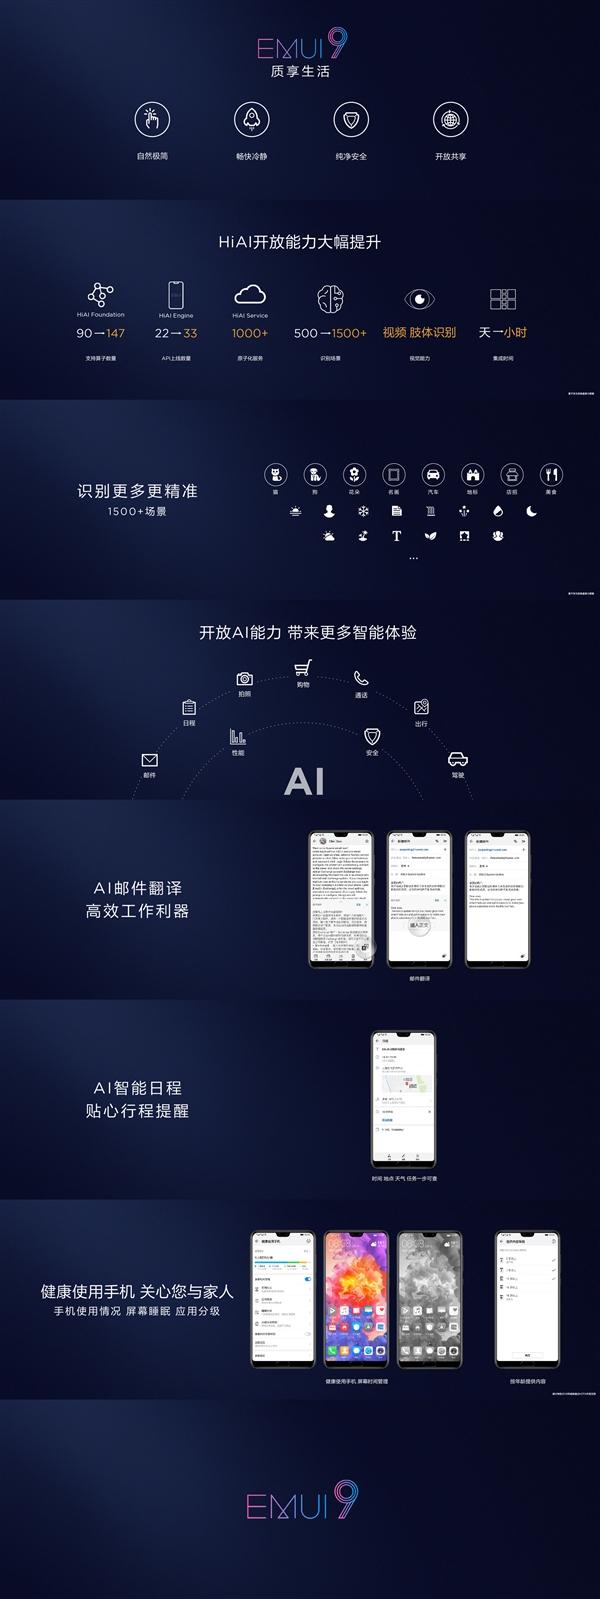 华为正式发布EMUI 9.0 国内首发安卓9.0的照片 - 8